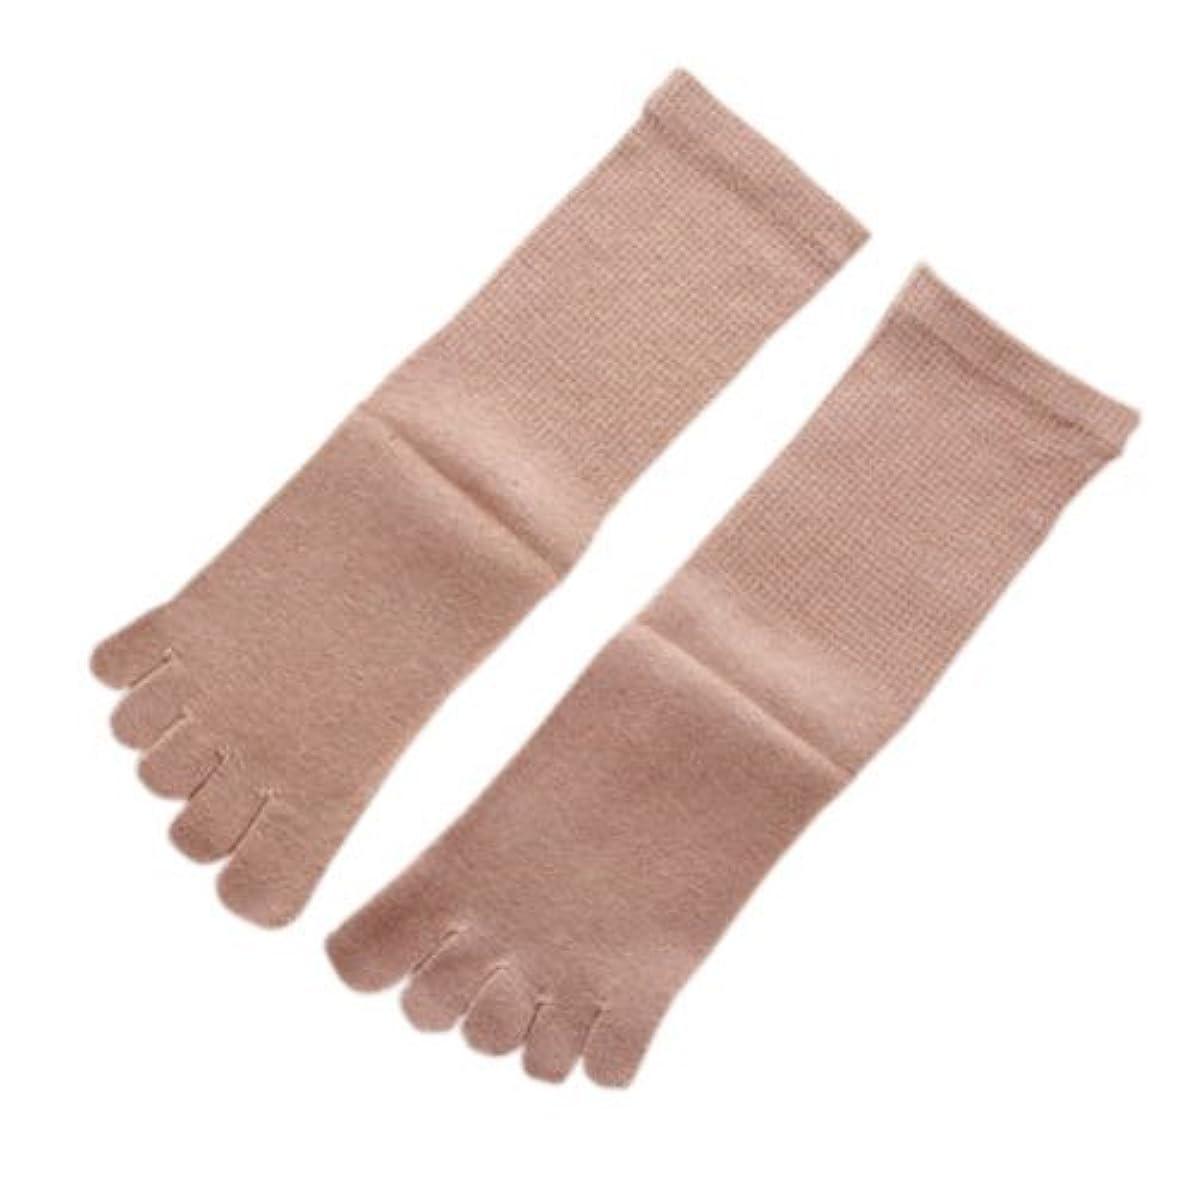 クロスウミウシ学習オーガニックコットン 五本指ソックスシルク混L(25-27cm) ブラウン:履くだけで足のつぼをマッサージし、むくみや疲れを軽減します。